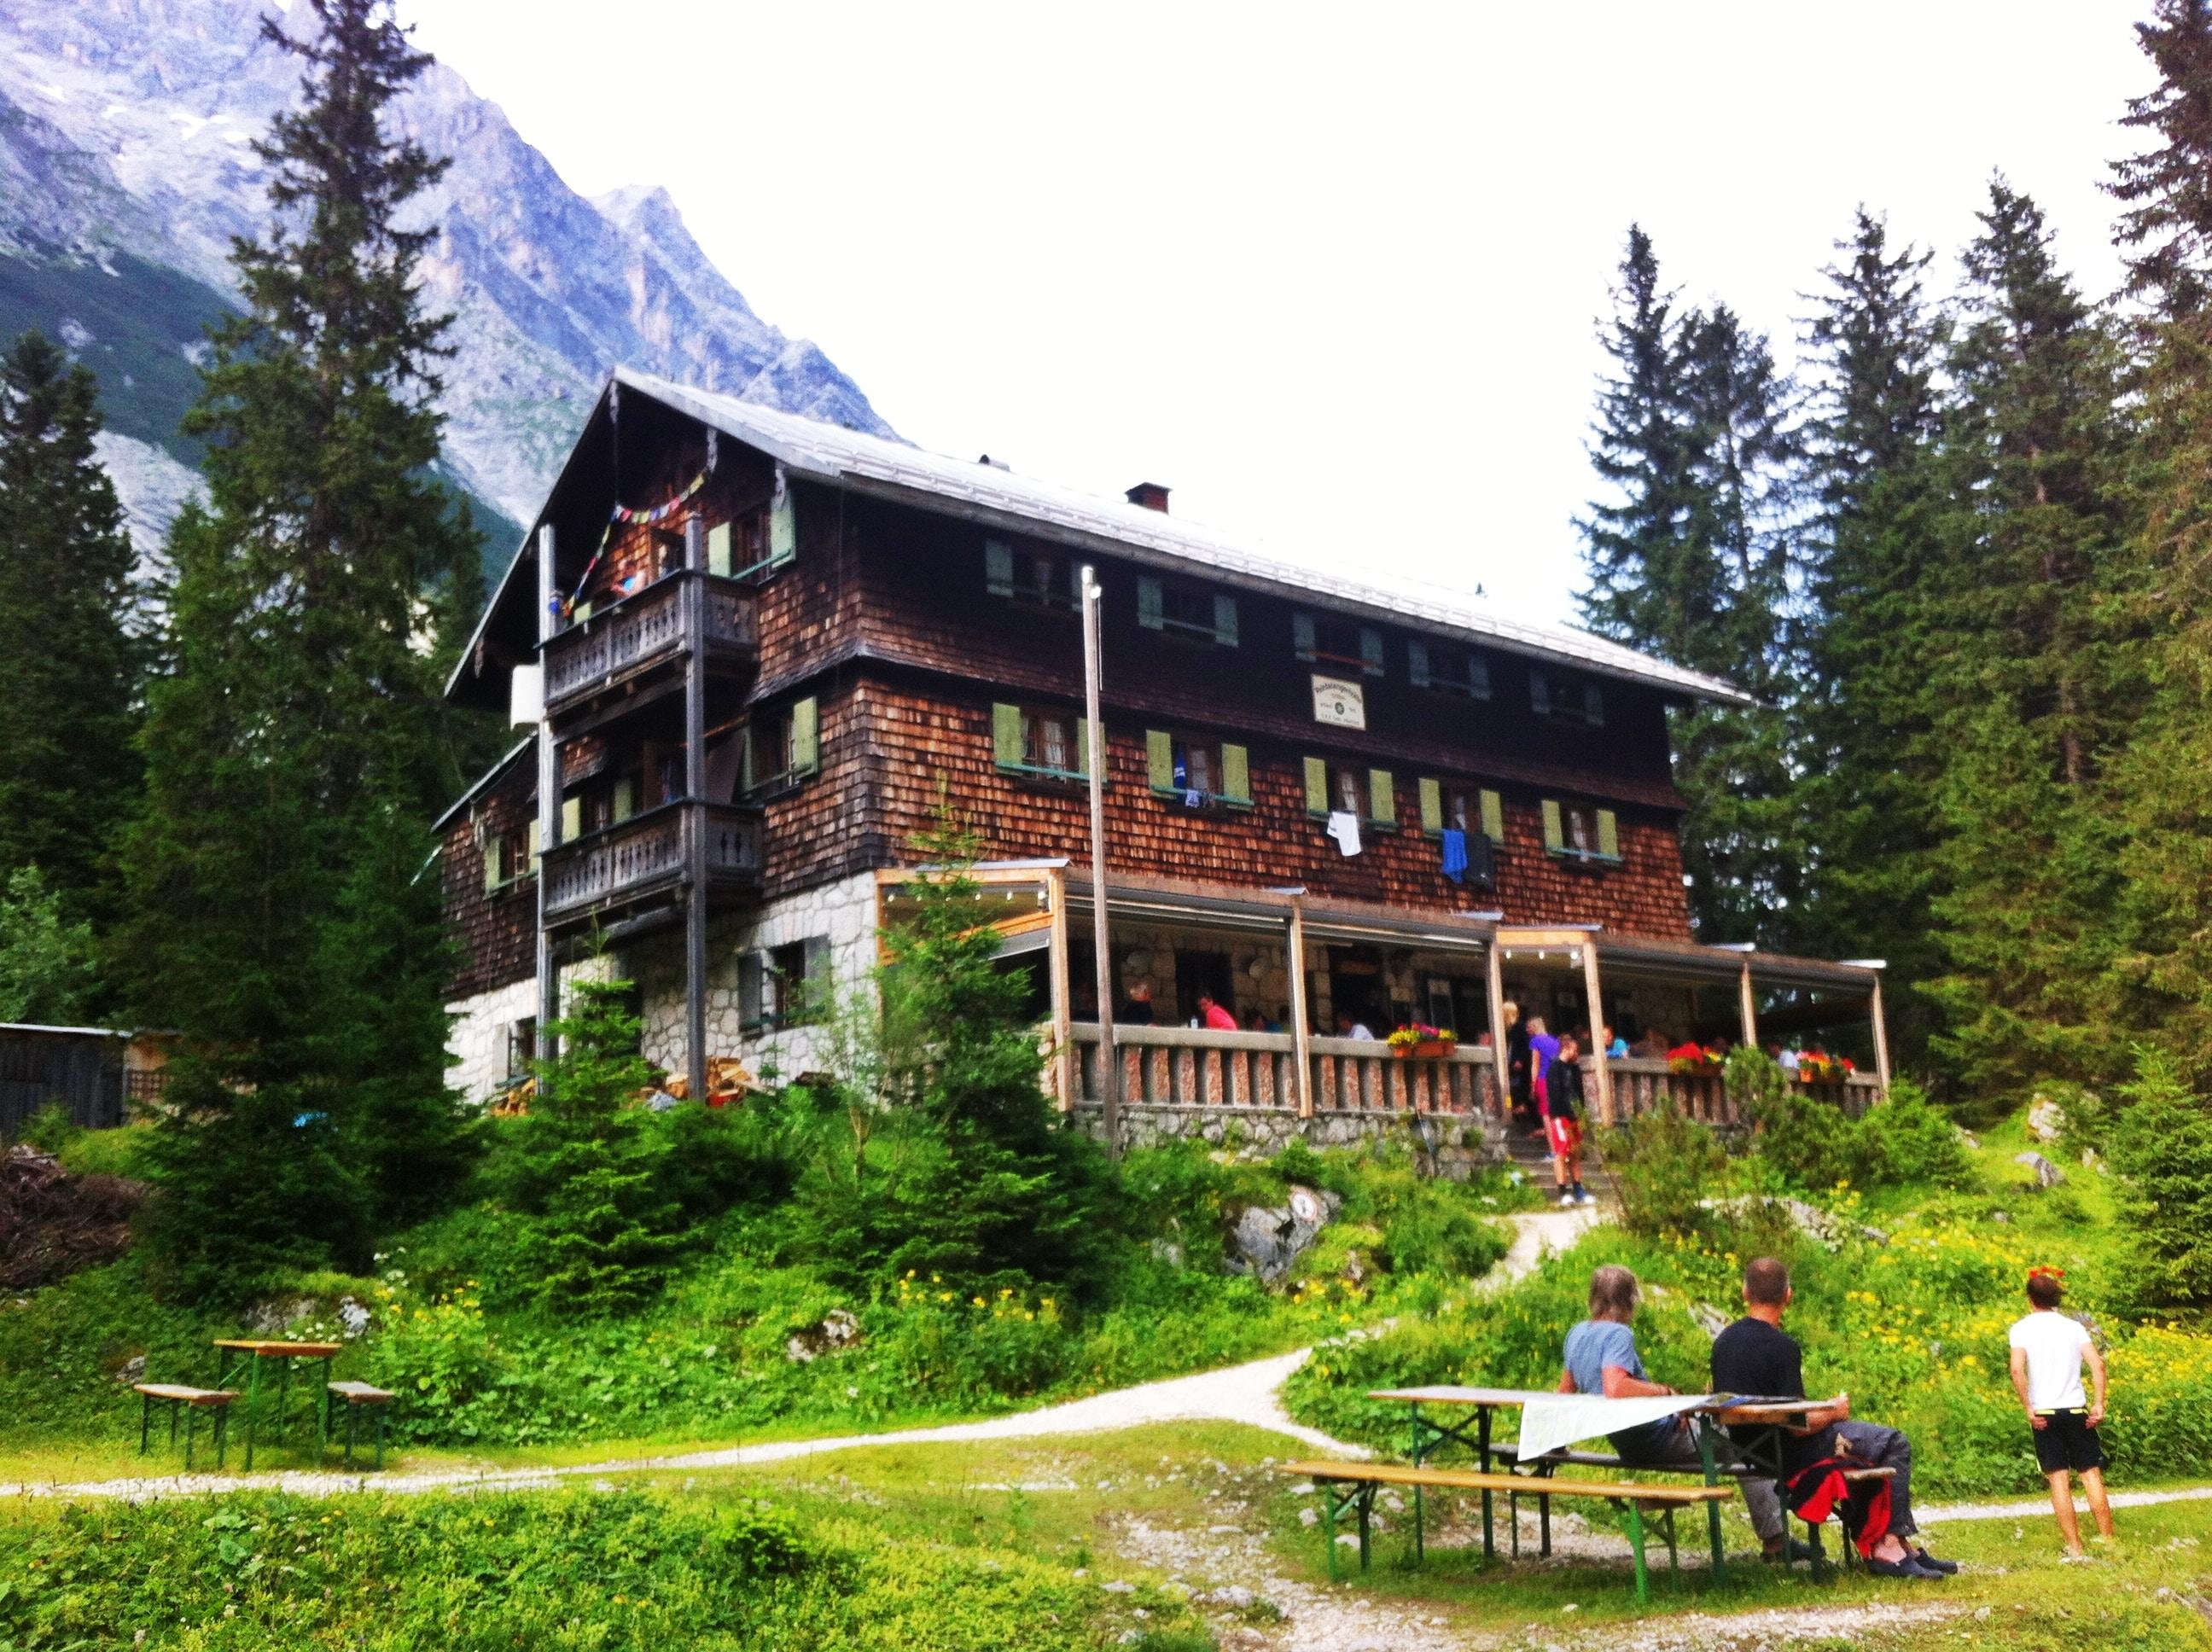 Blick auf die Reintalangerhütte im Reintal - Übernachtungshütte beim Aufstieg zur Zugspitze